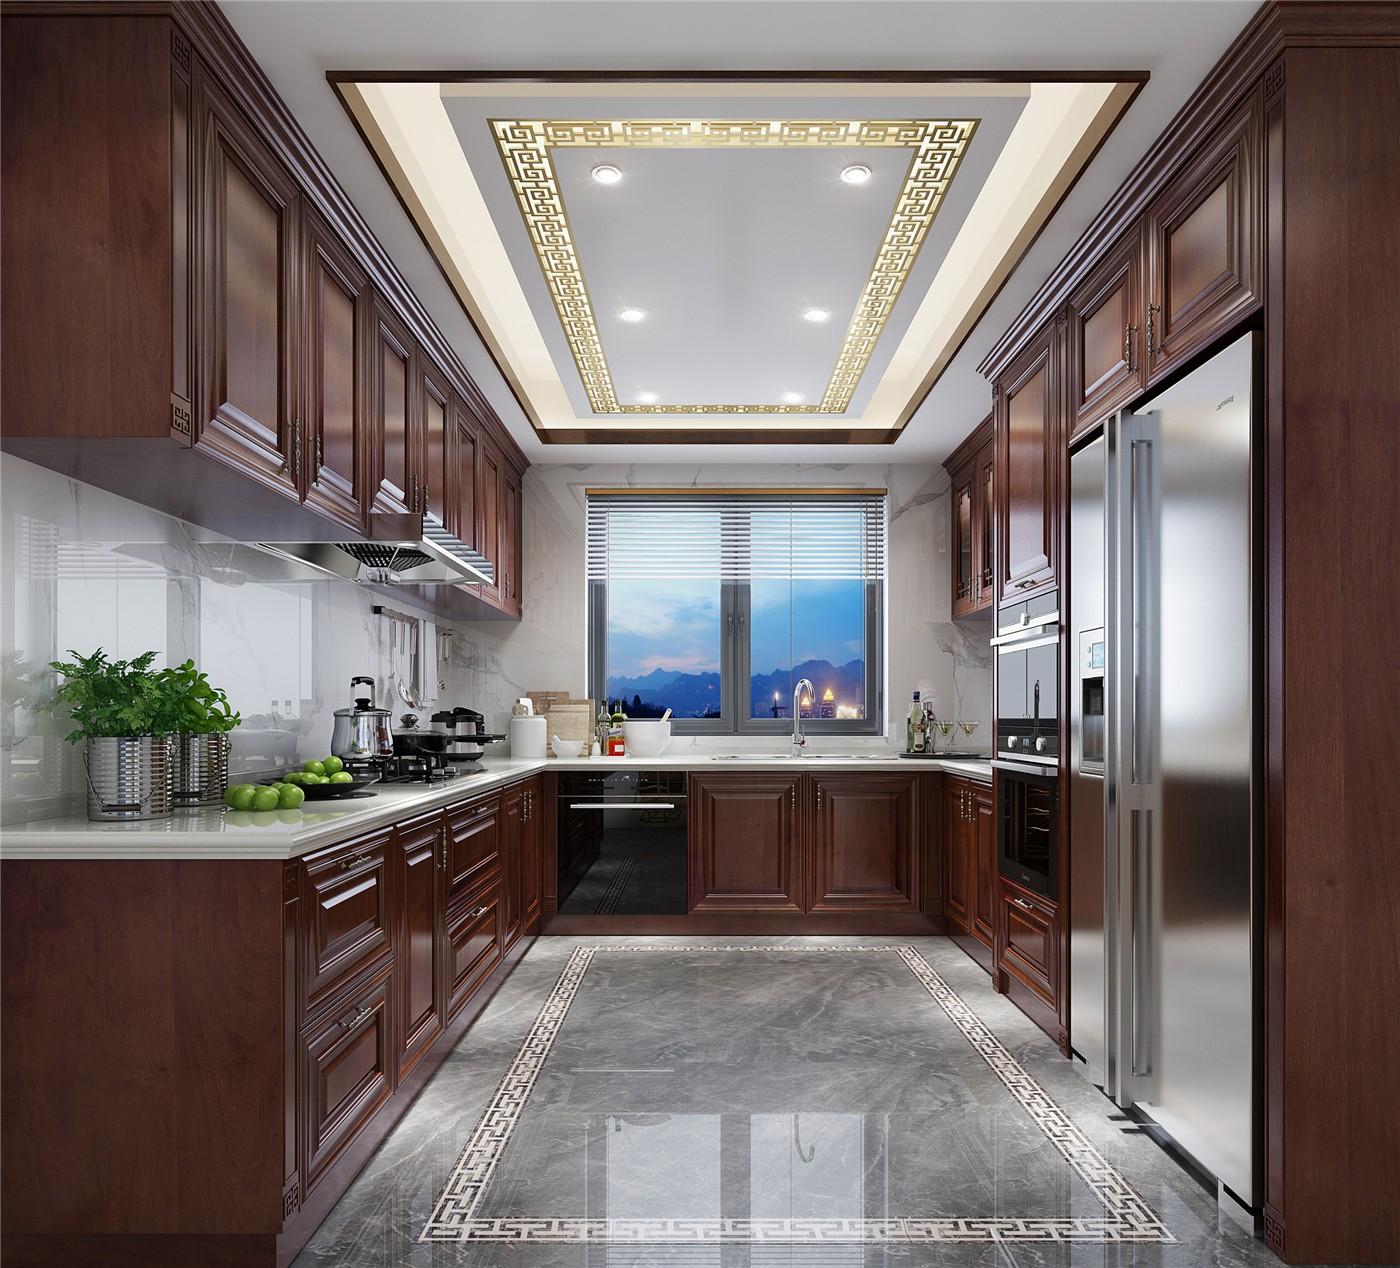 a modern u-shaped kitchen from china